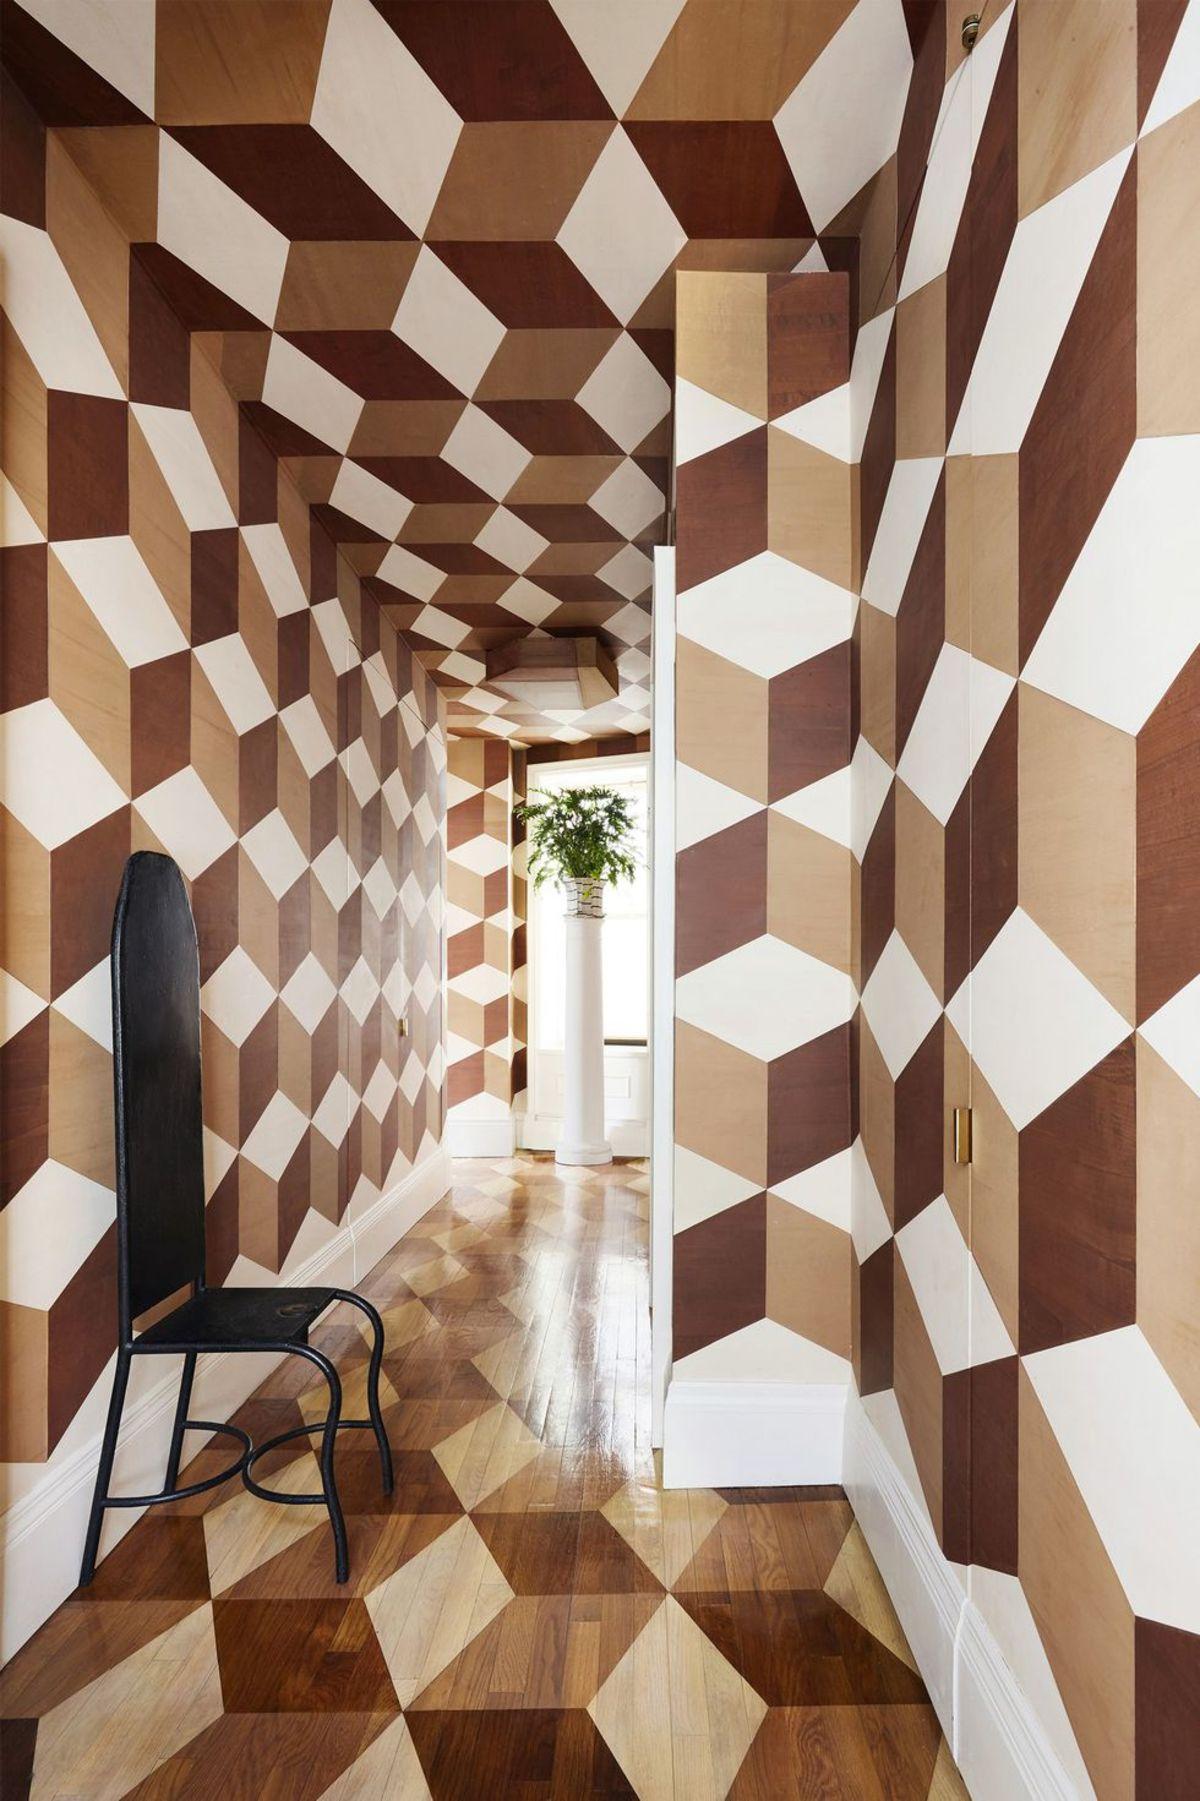 10 Ide Desain Pola Geometris Yang Membuat Dinding Makin Artistik